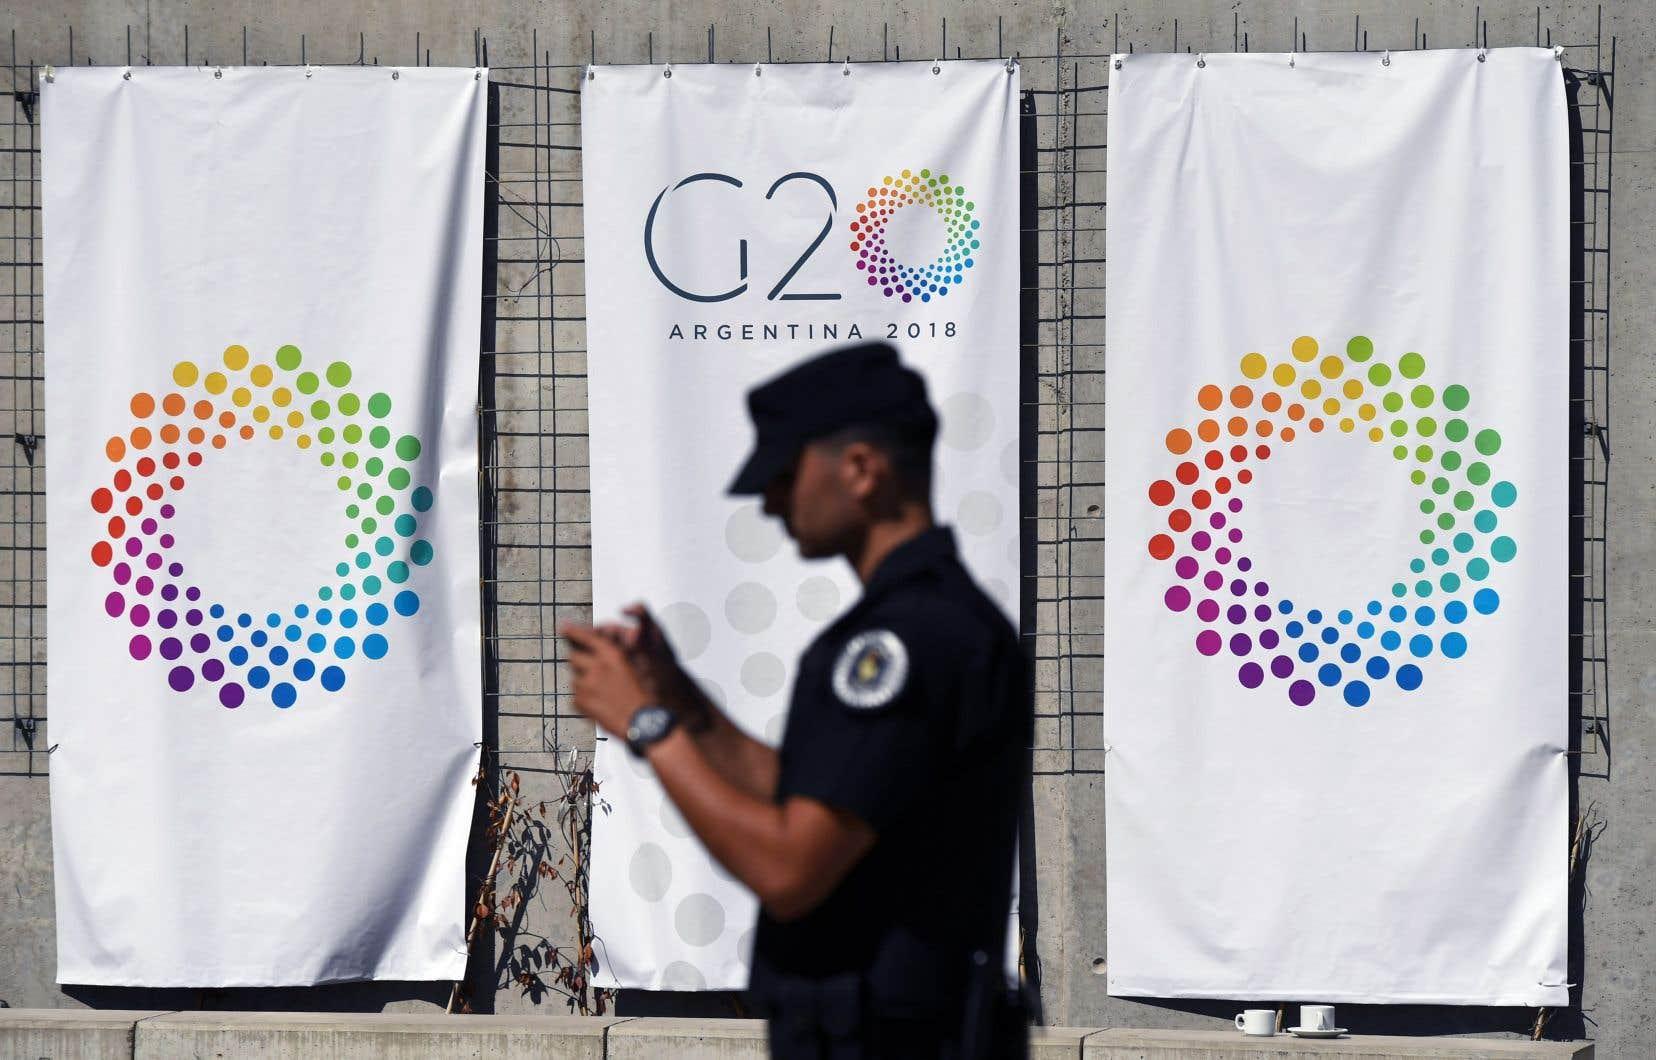 Les ministres des Finances des pays membres du G20 se sont réunis à Buenos Aires, en Argentine, les 19 et 20 mars.